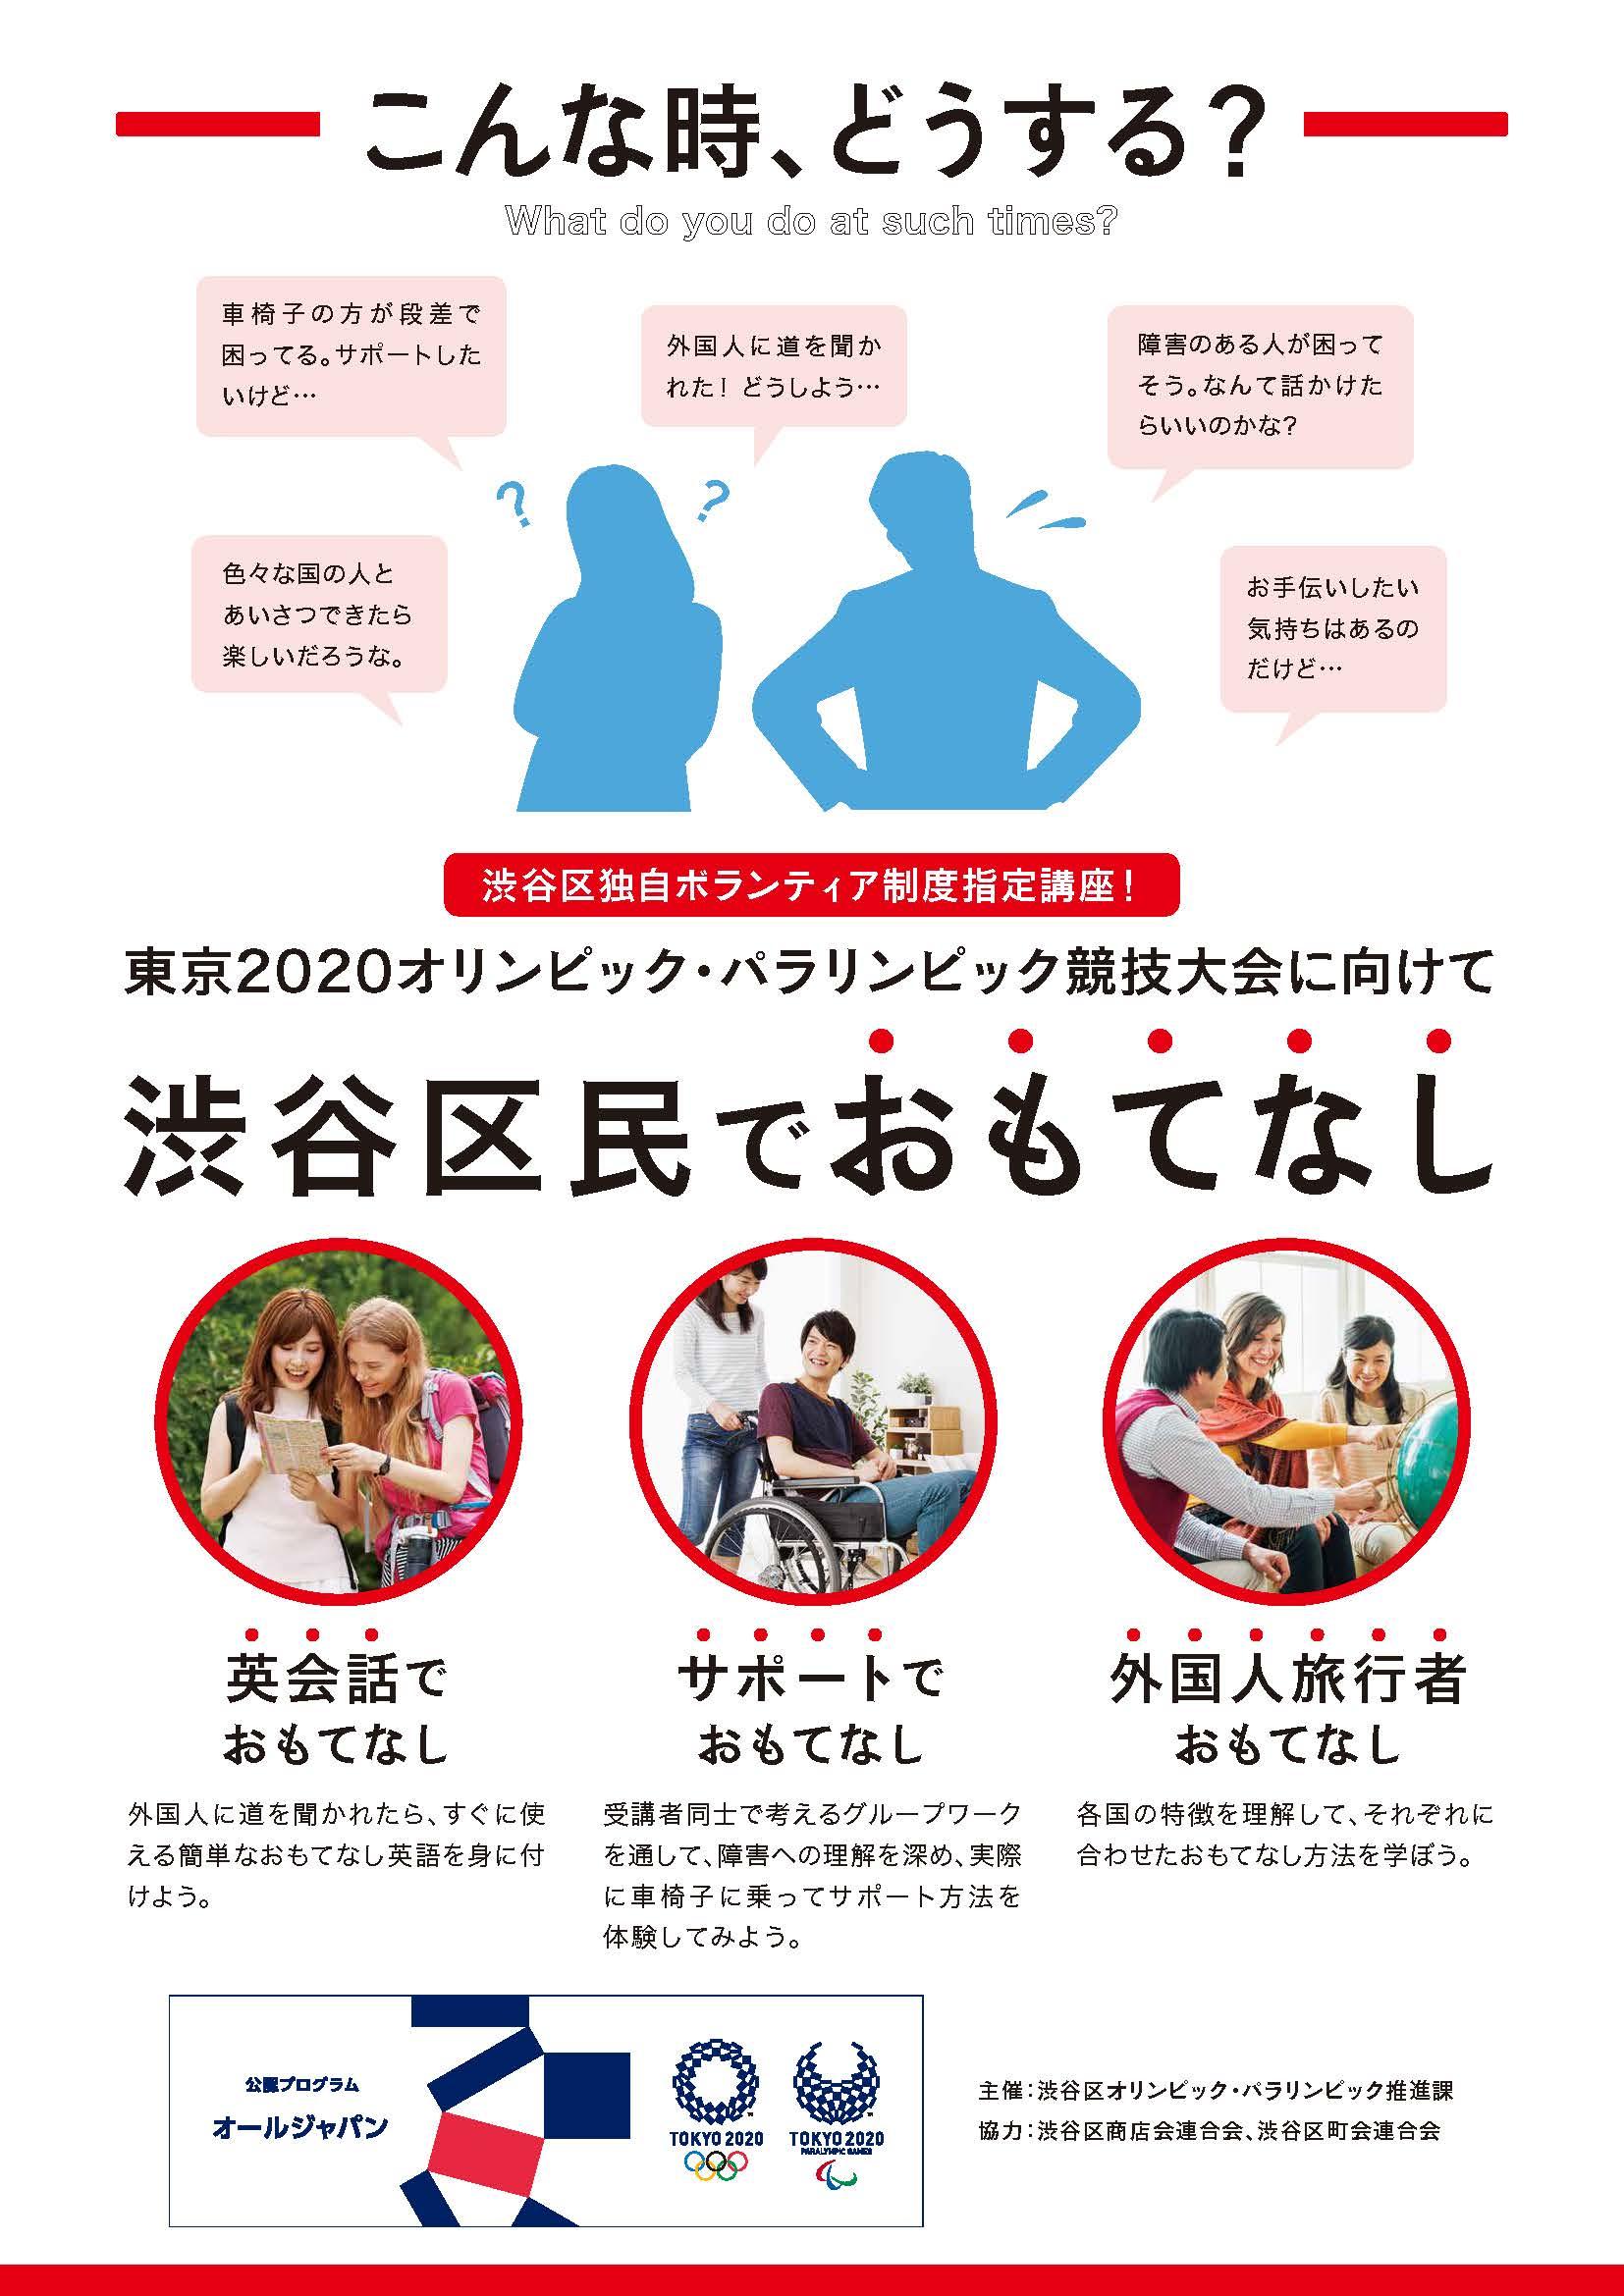 渋谷区おもてなし事業チラシ_中央エリア_ページ_1